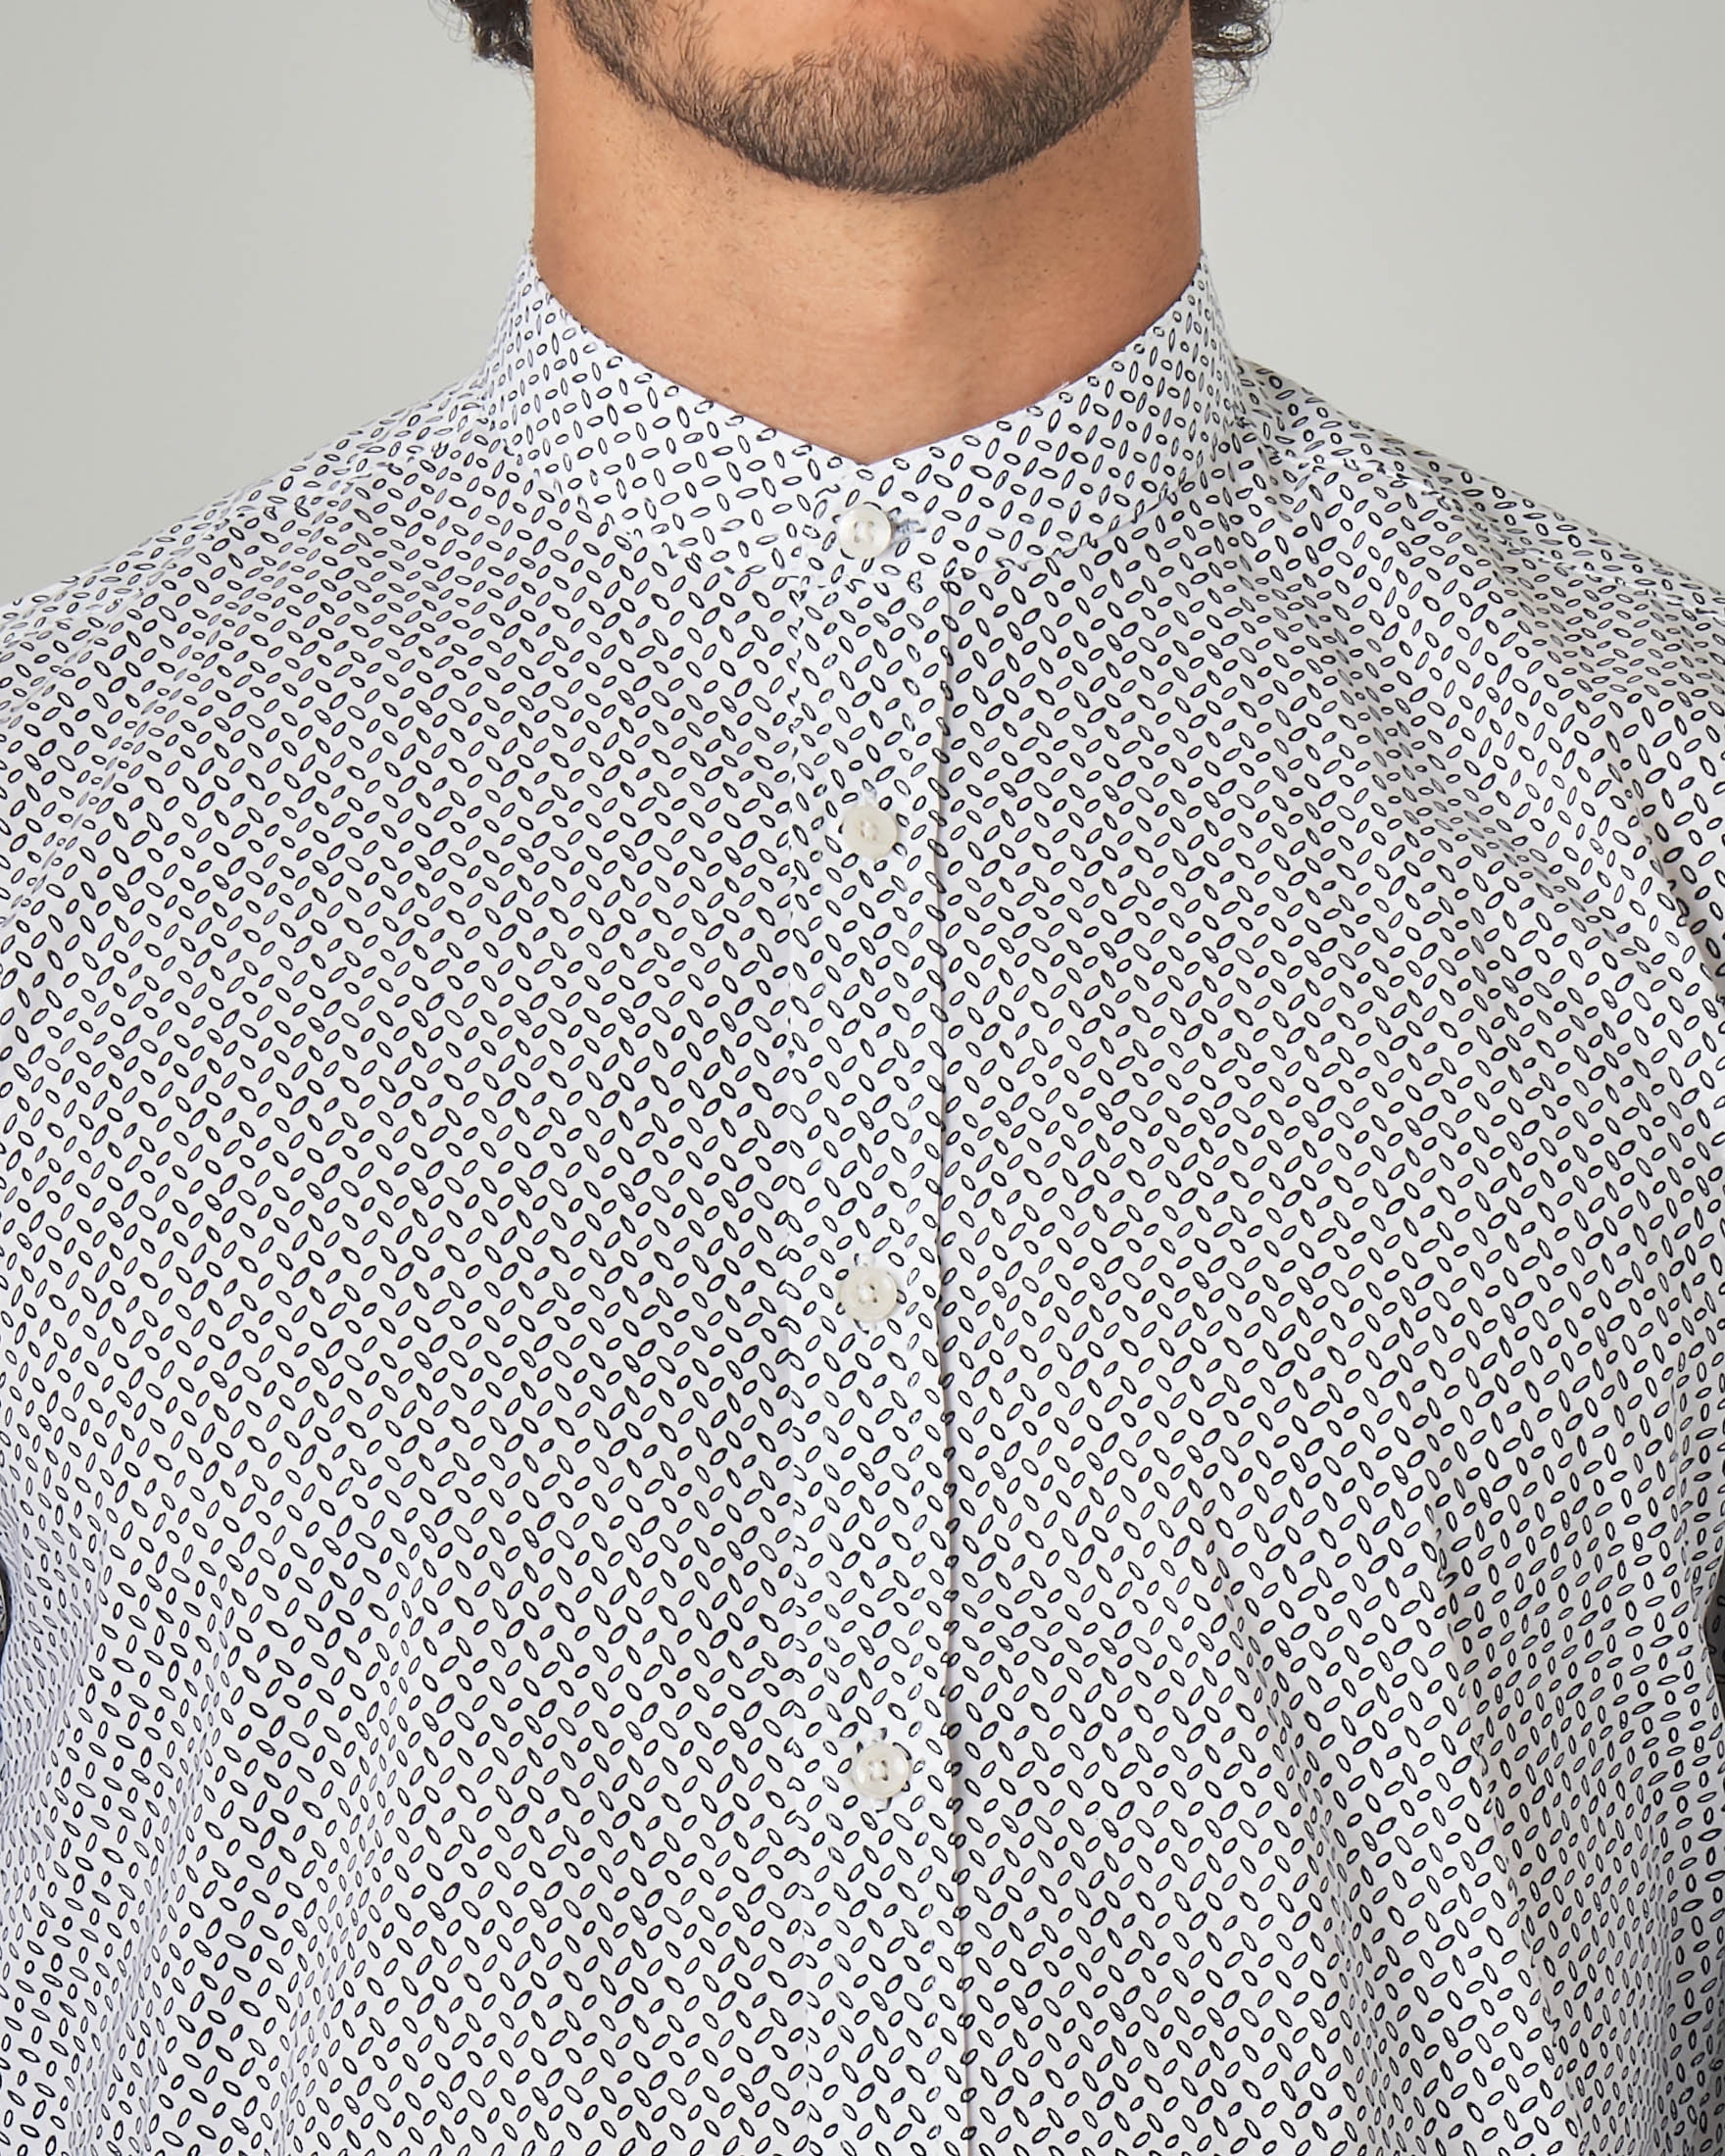 super popular 75d0d 8ea3e Camicia bianca coreana micro-fantasia | Pellizzari E-commerce